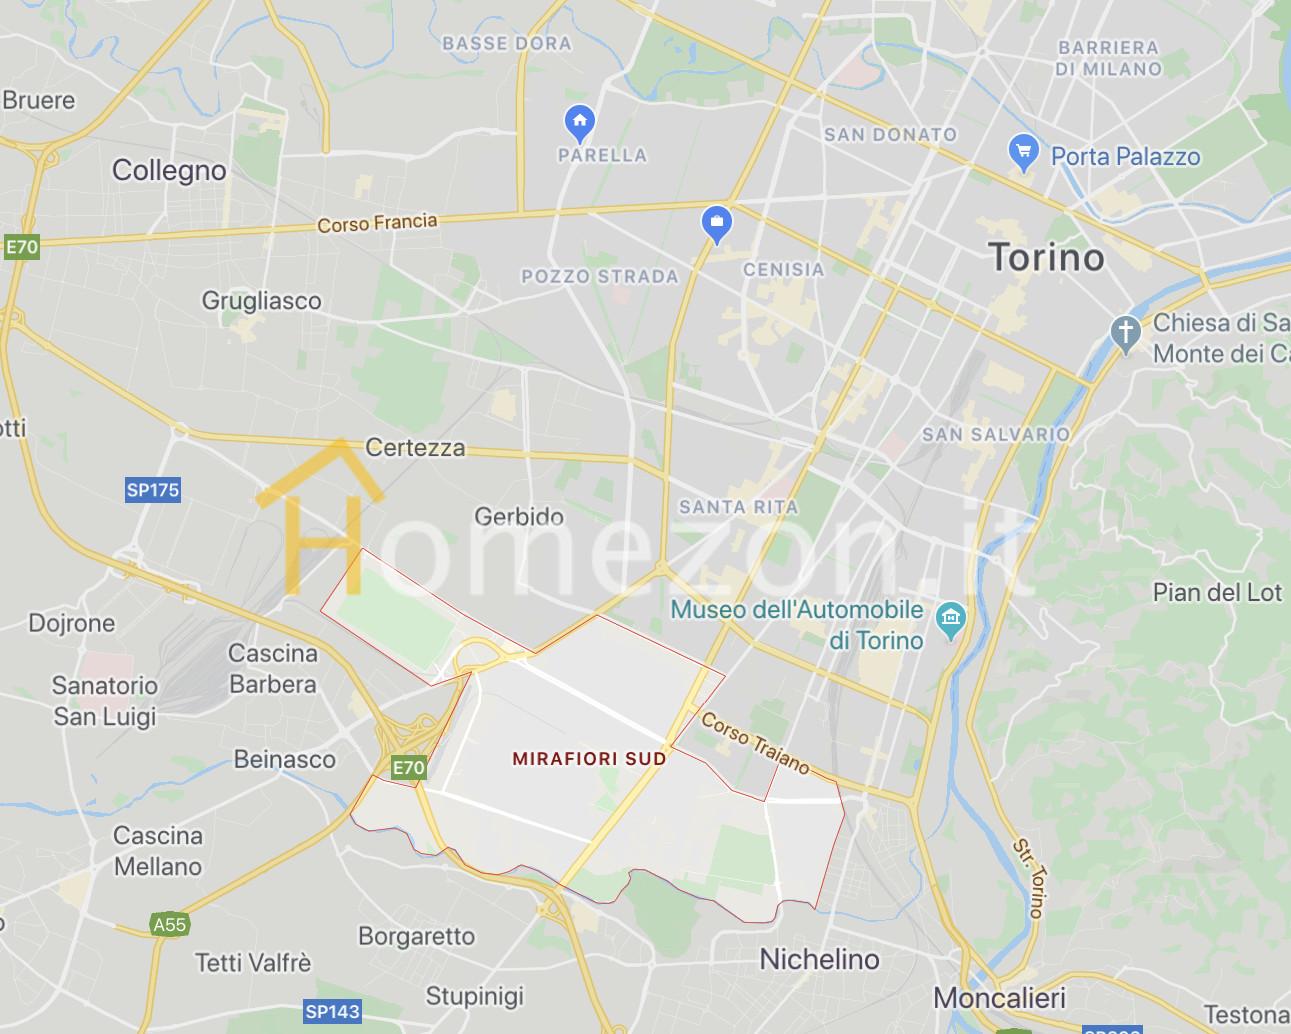 Agenzia immobiliare Quartiere Mirafiori Sud